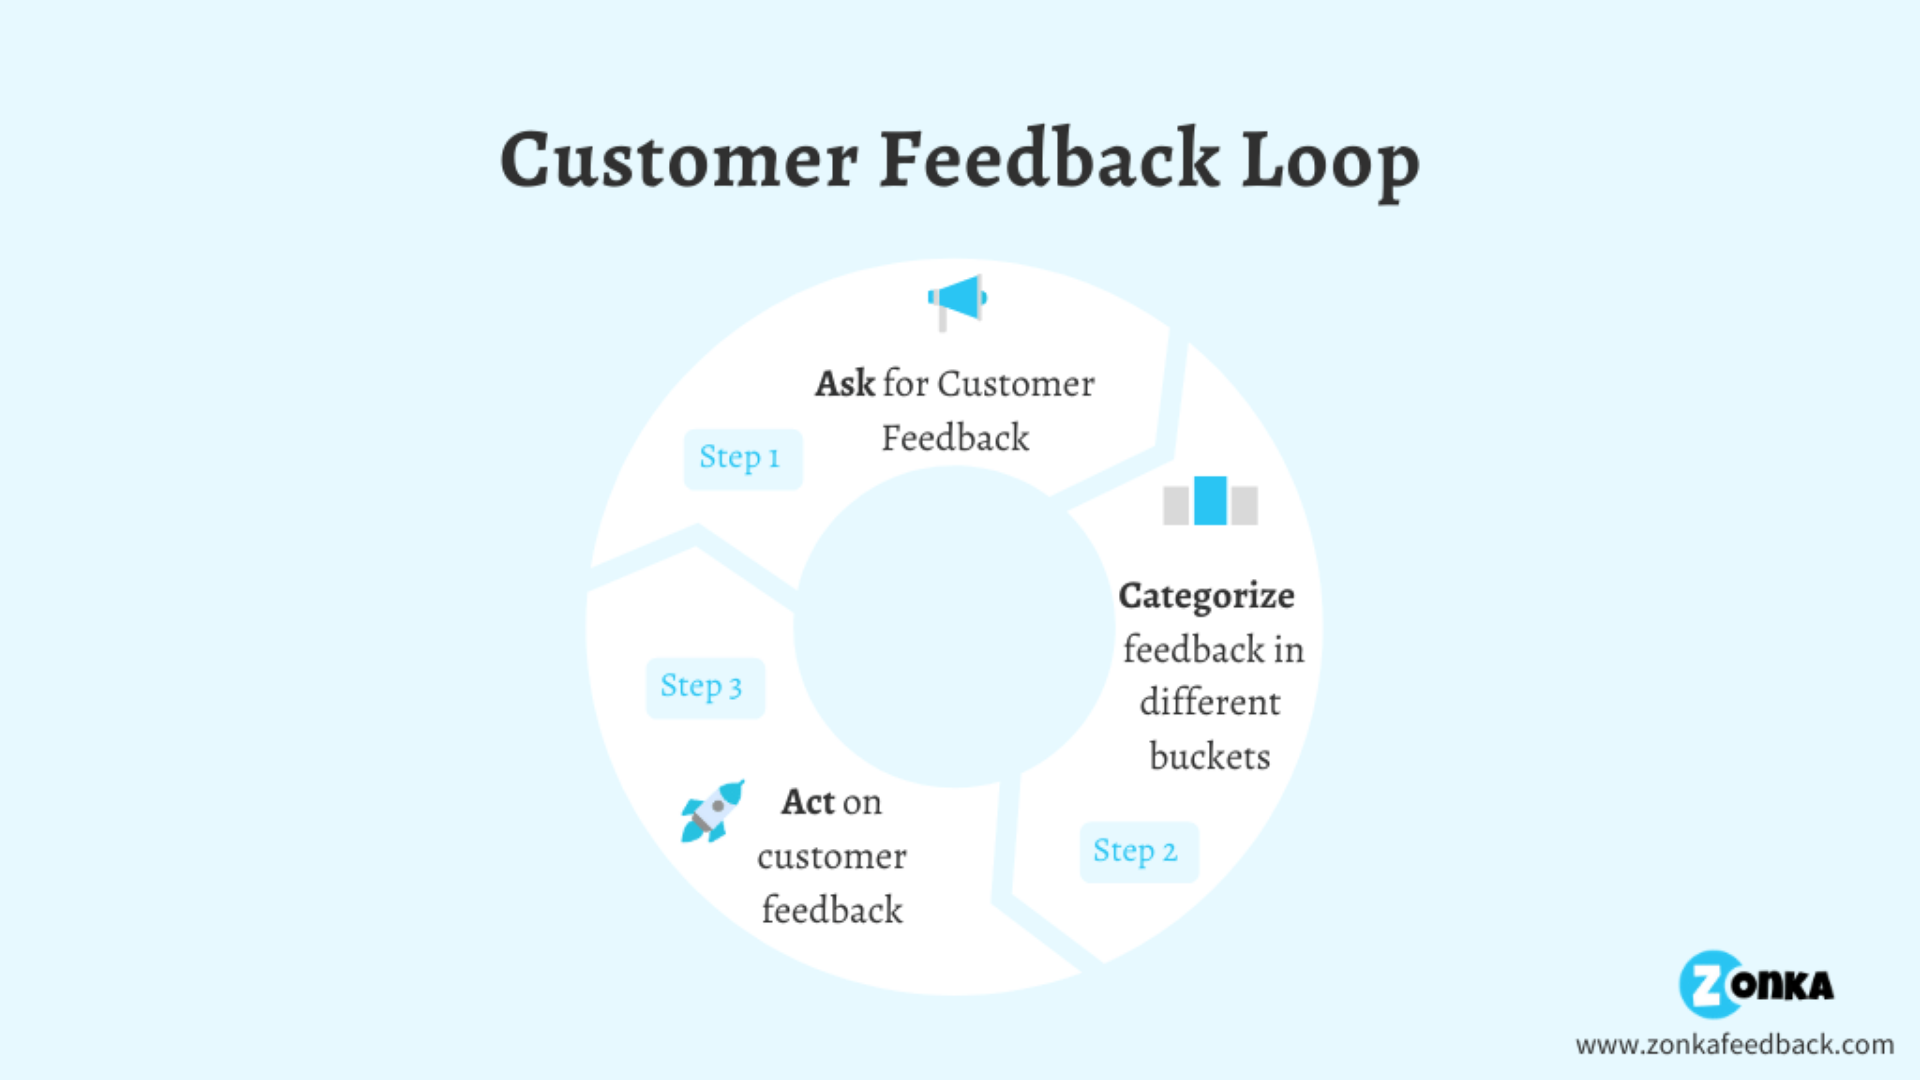 Customer_Feedback_Loop